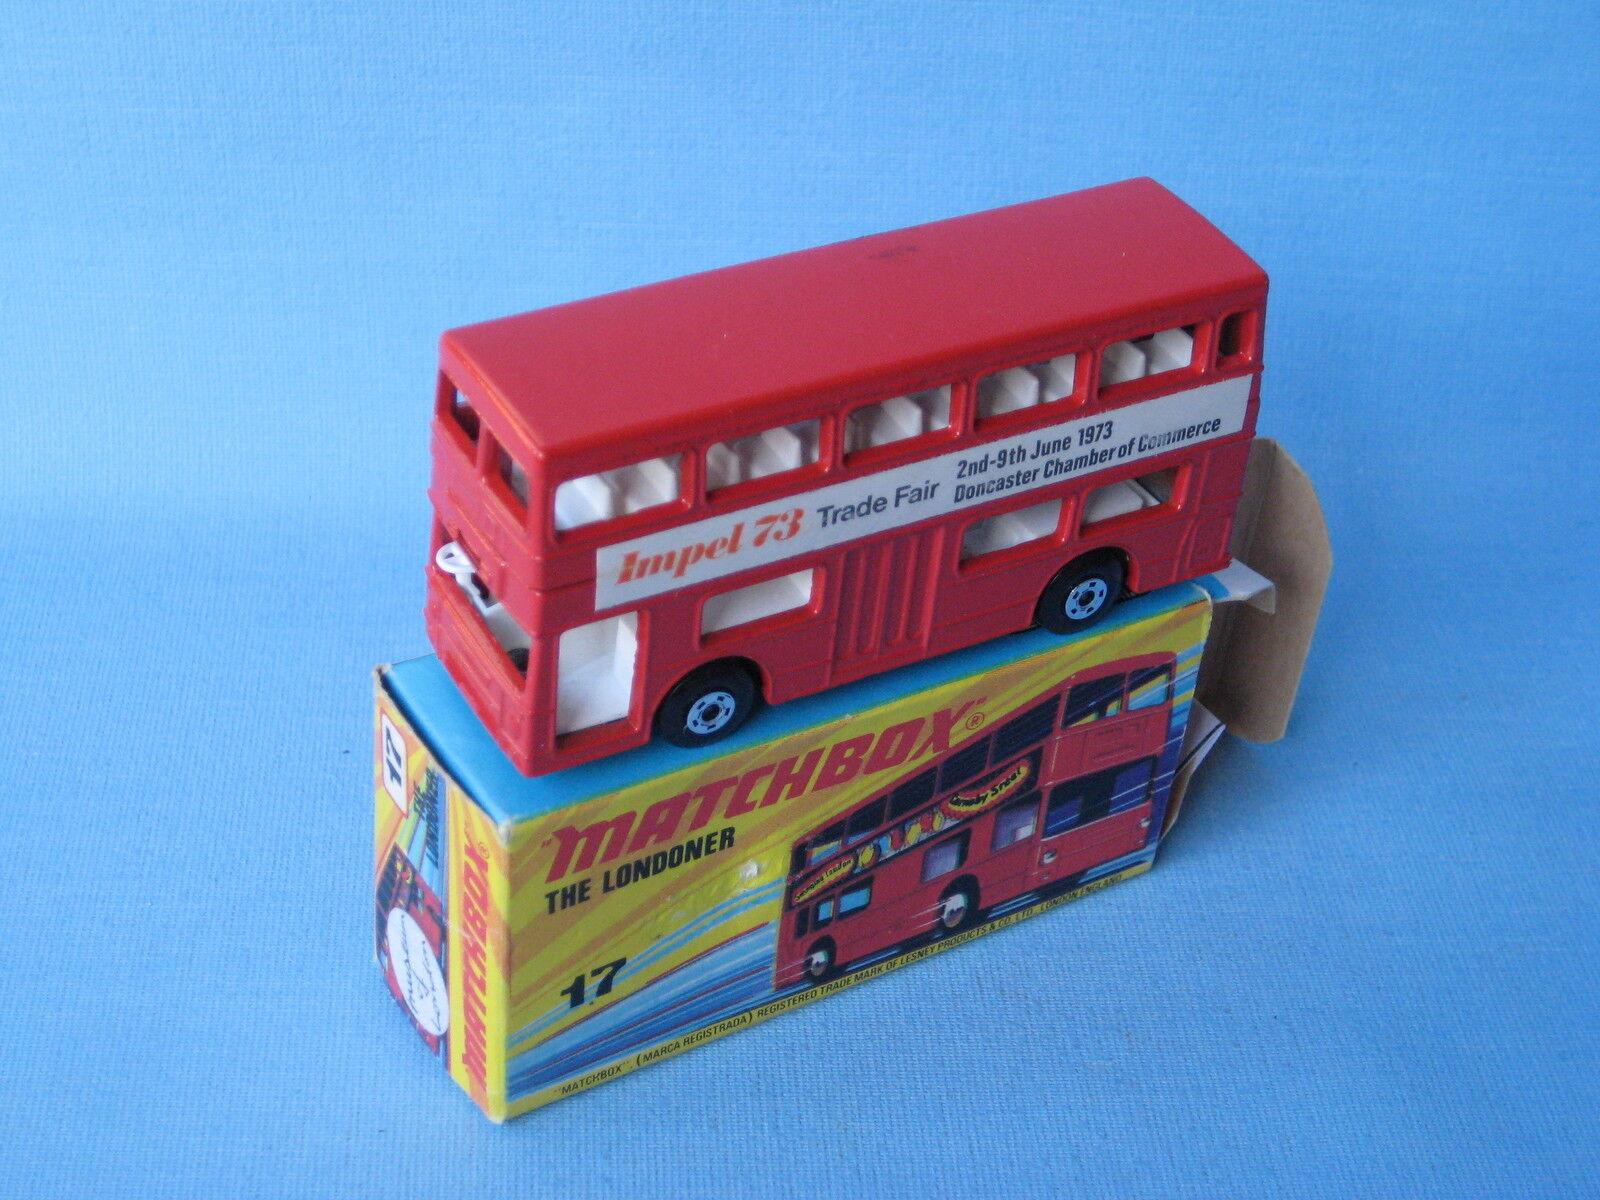 nuevo estilo Matchbox SF-17 londinense Bus Impel 73 1973 1973 1973 Promo En Caja Juguete Modelo 75mm  grandes precios de descuento